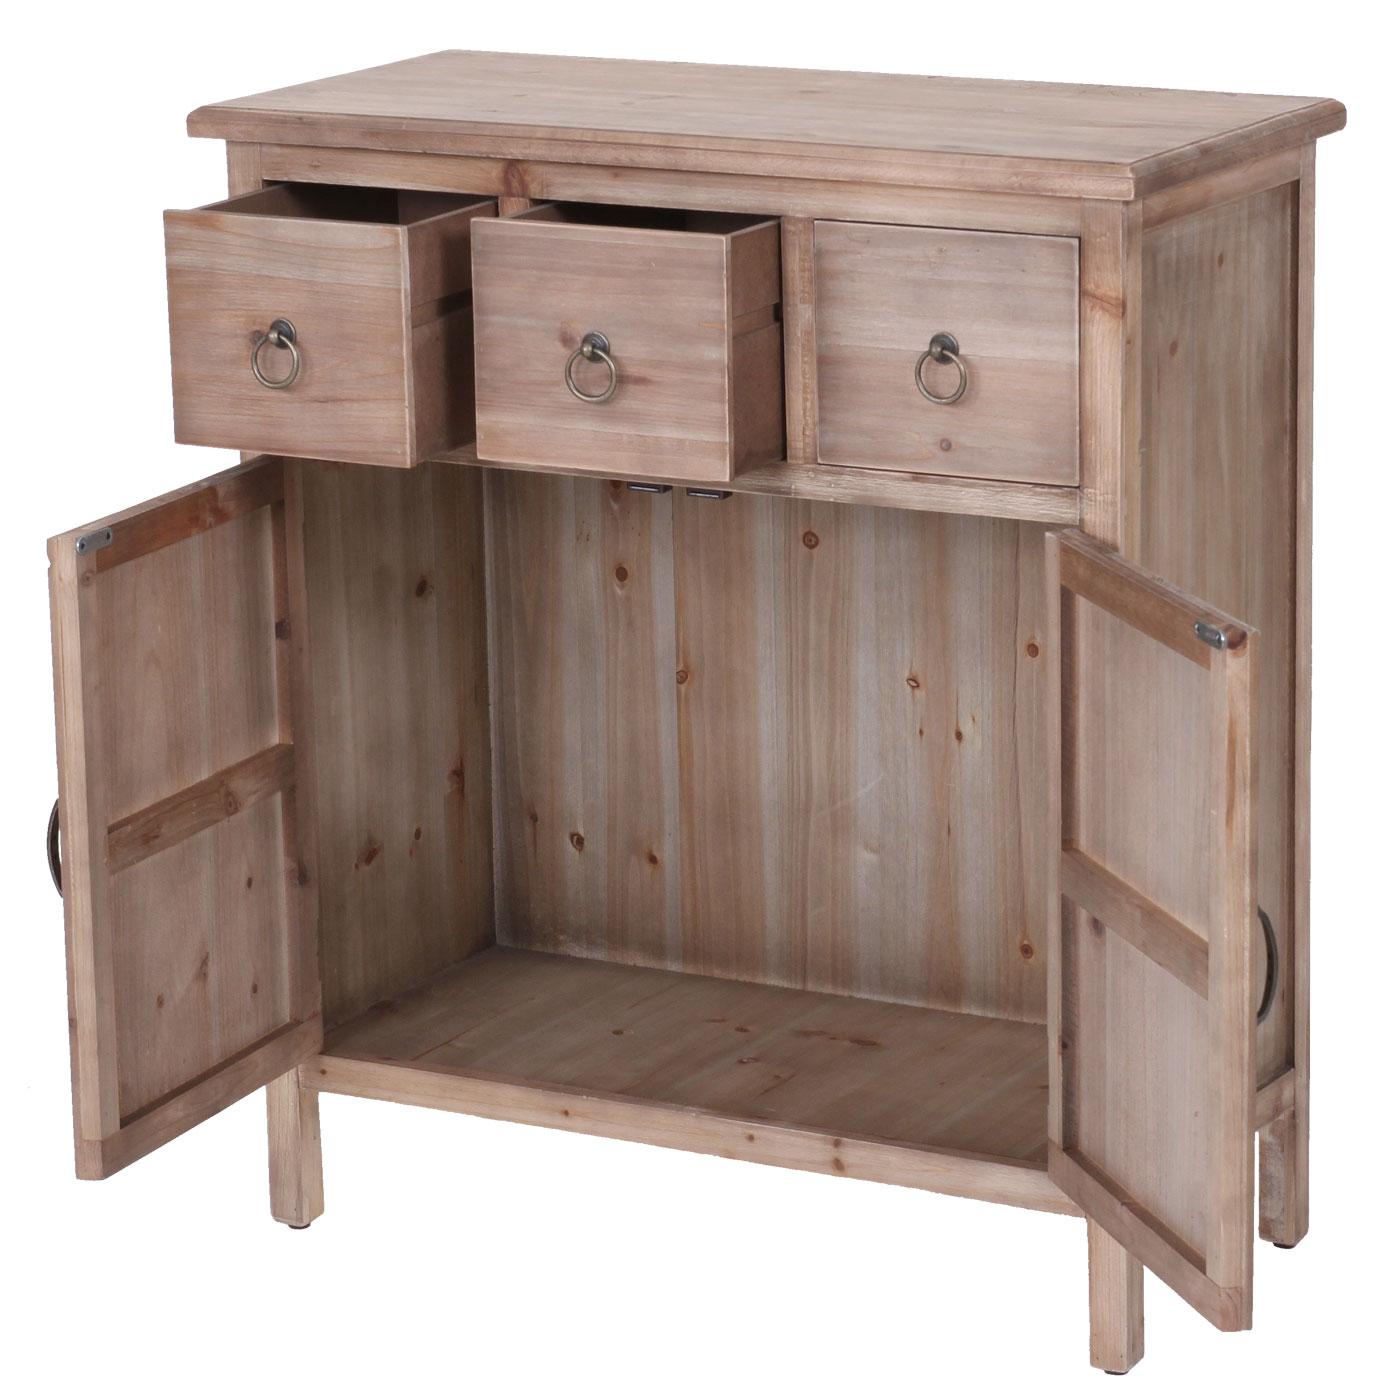 kommode venedig 3 schubladen 1 staufach vintage massiv tanne braun 85x75x35cm ebay. Black Bedroom Furniture Sets. Home Design Ideas